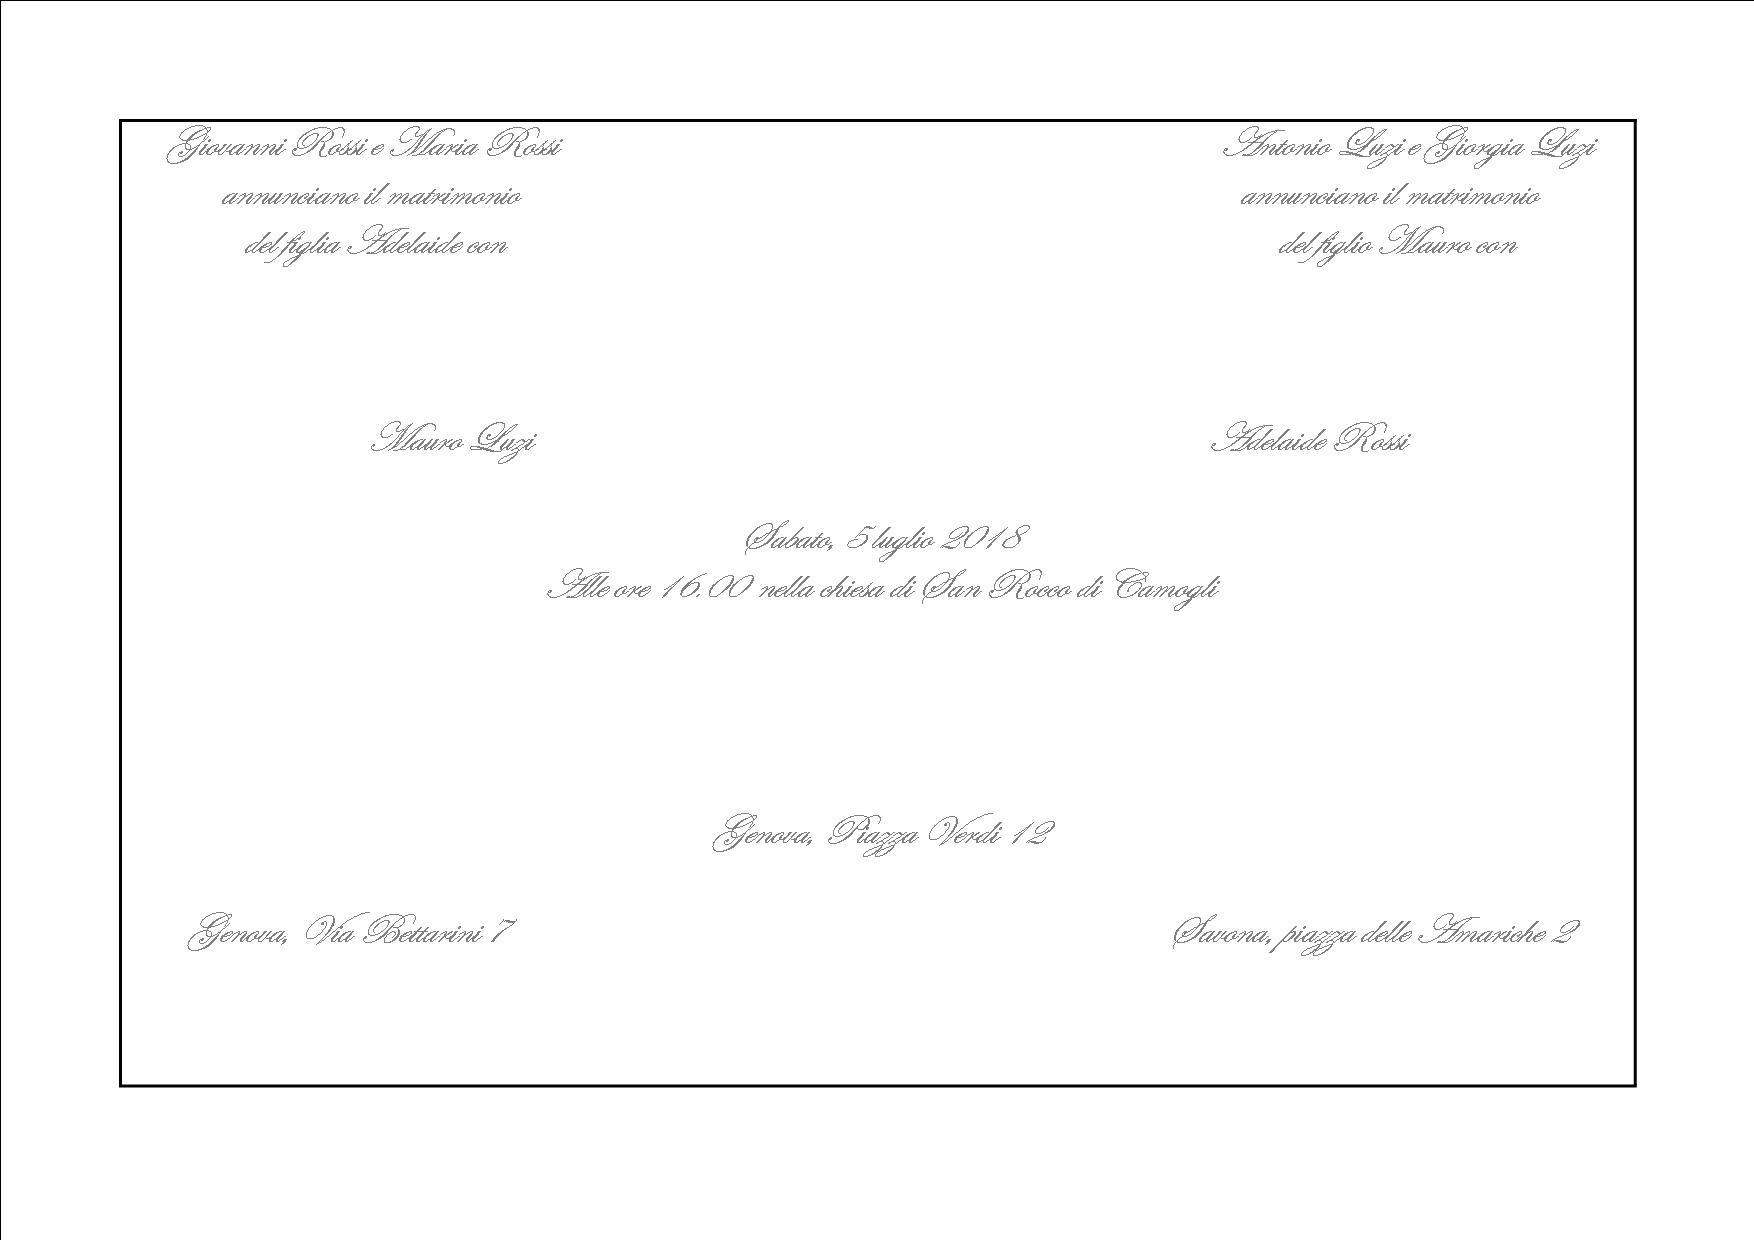 Partecipazioni Matrimonio Genitori.Il Galateo Per Le Cerimonie La Partecipazione Wedding Portofino